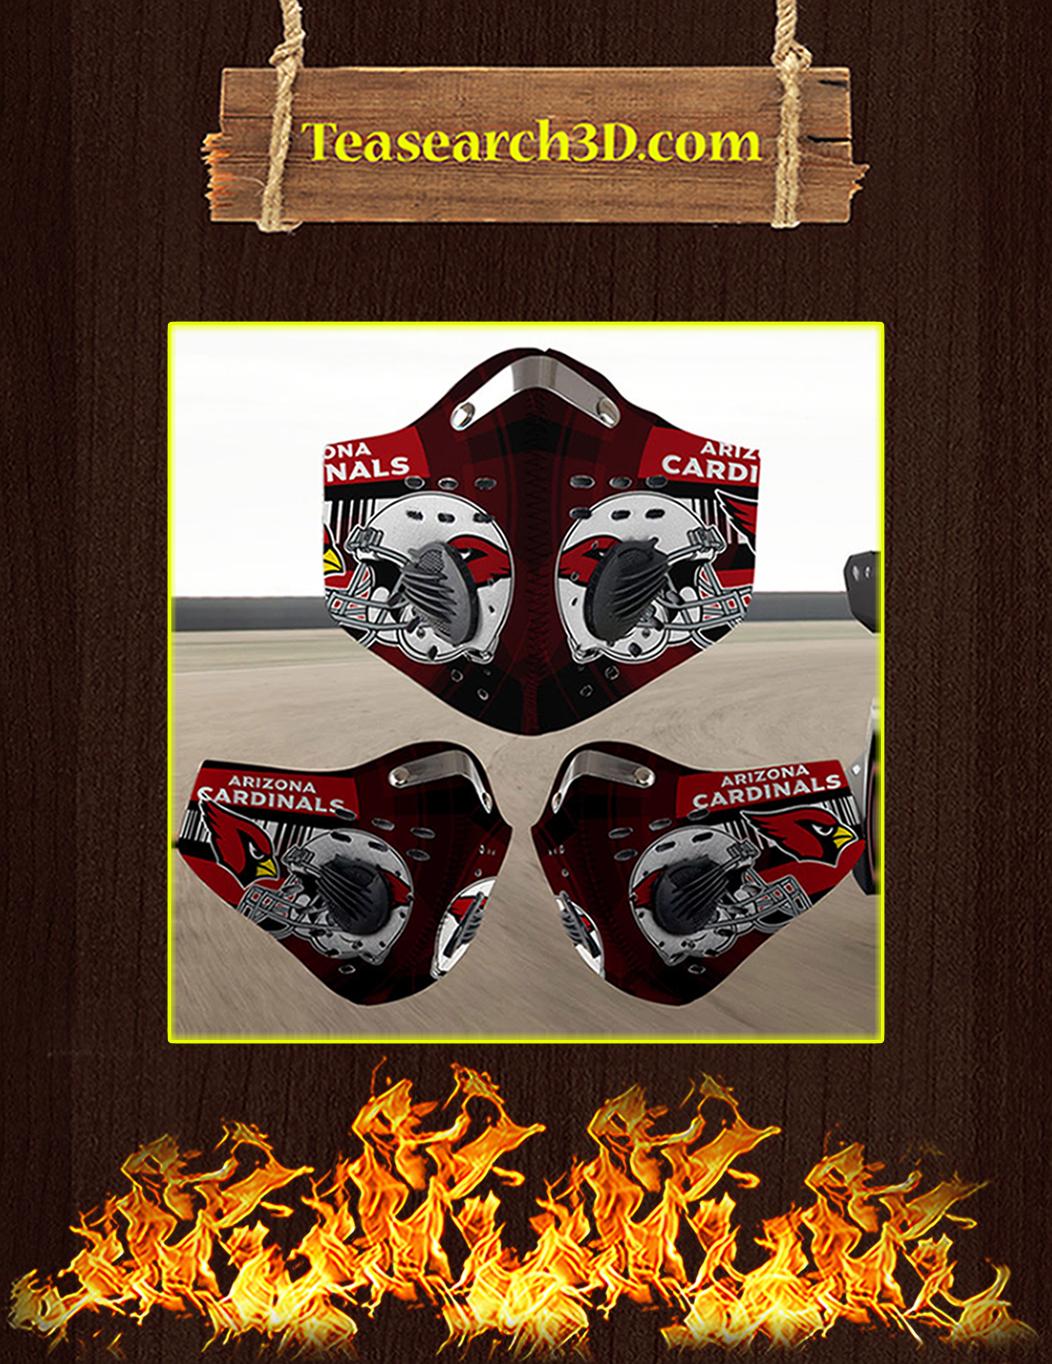 Arizona Cardinals filter face mask pack 10